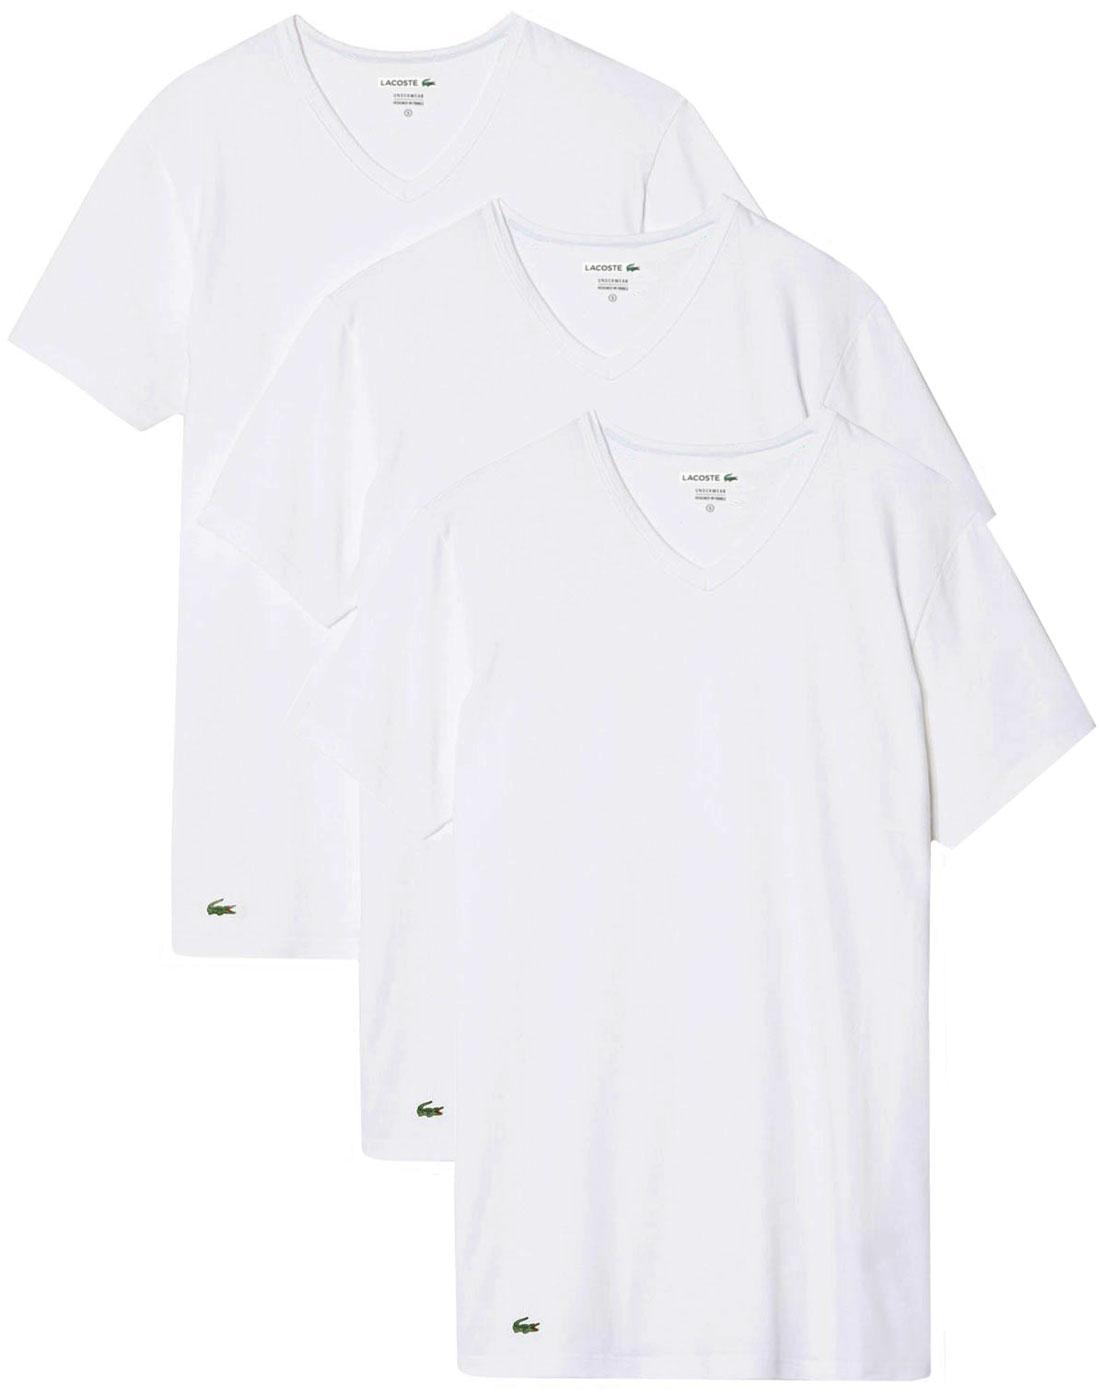 LACOSTE Men's 3 Pack Boxed V-Neck T-Shirt - WHITE